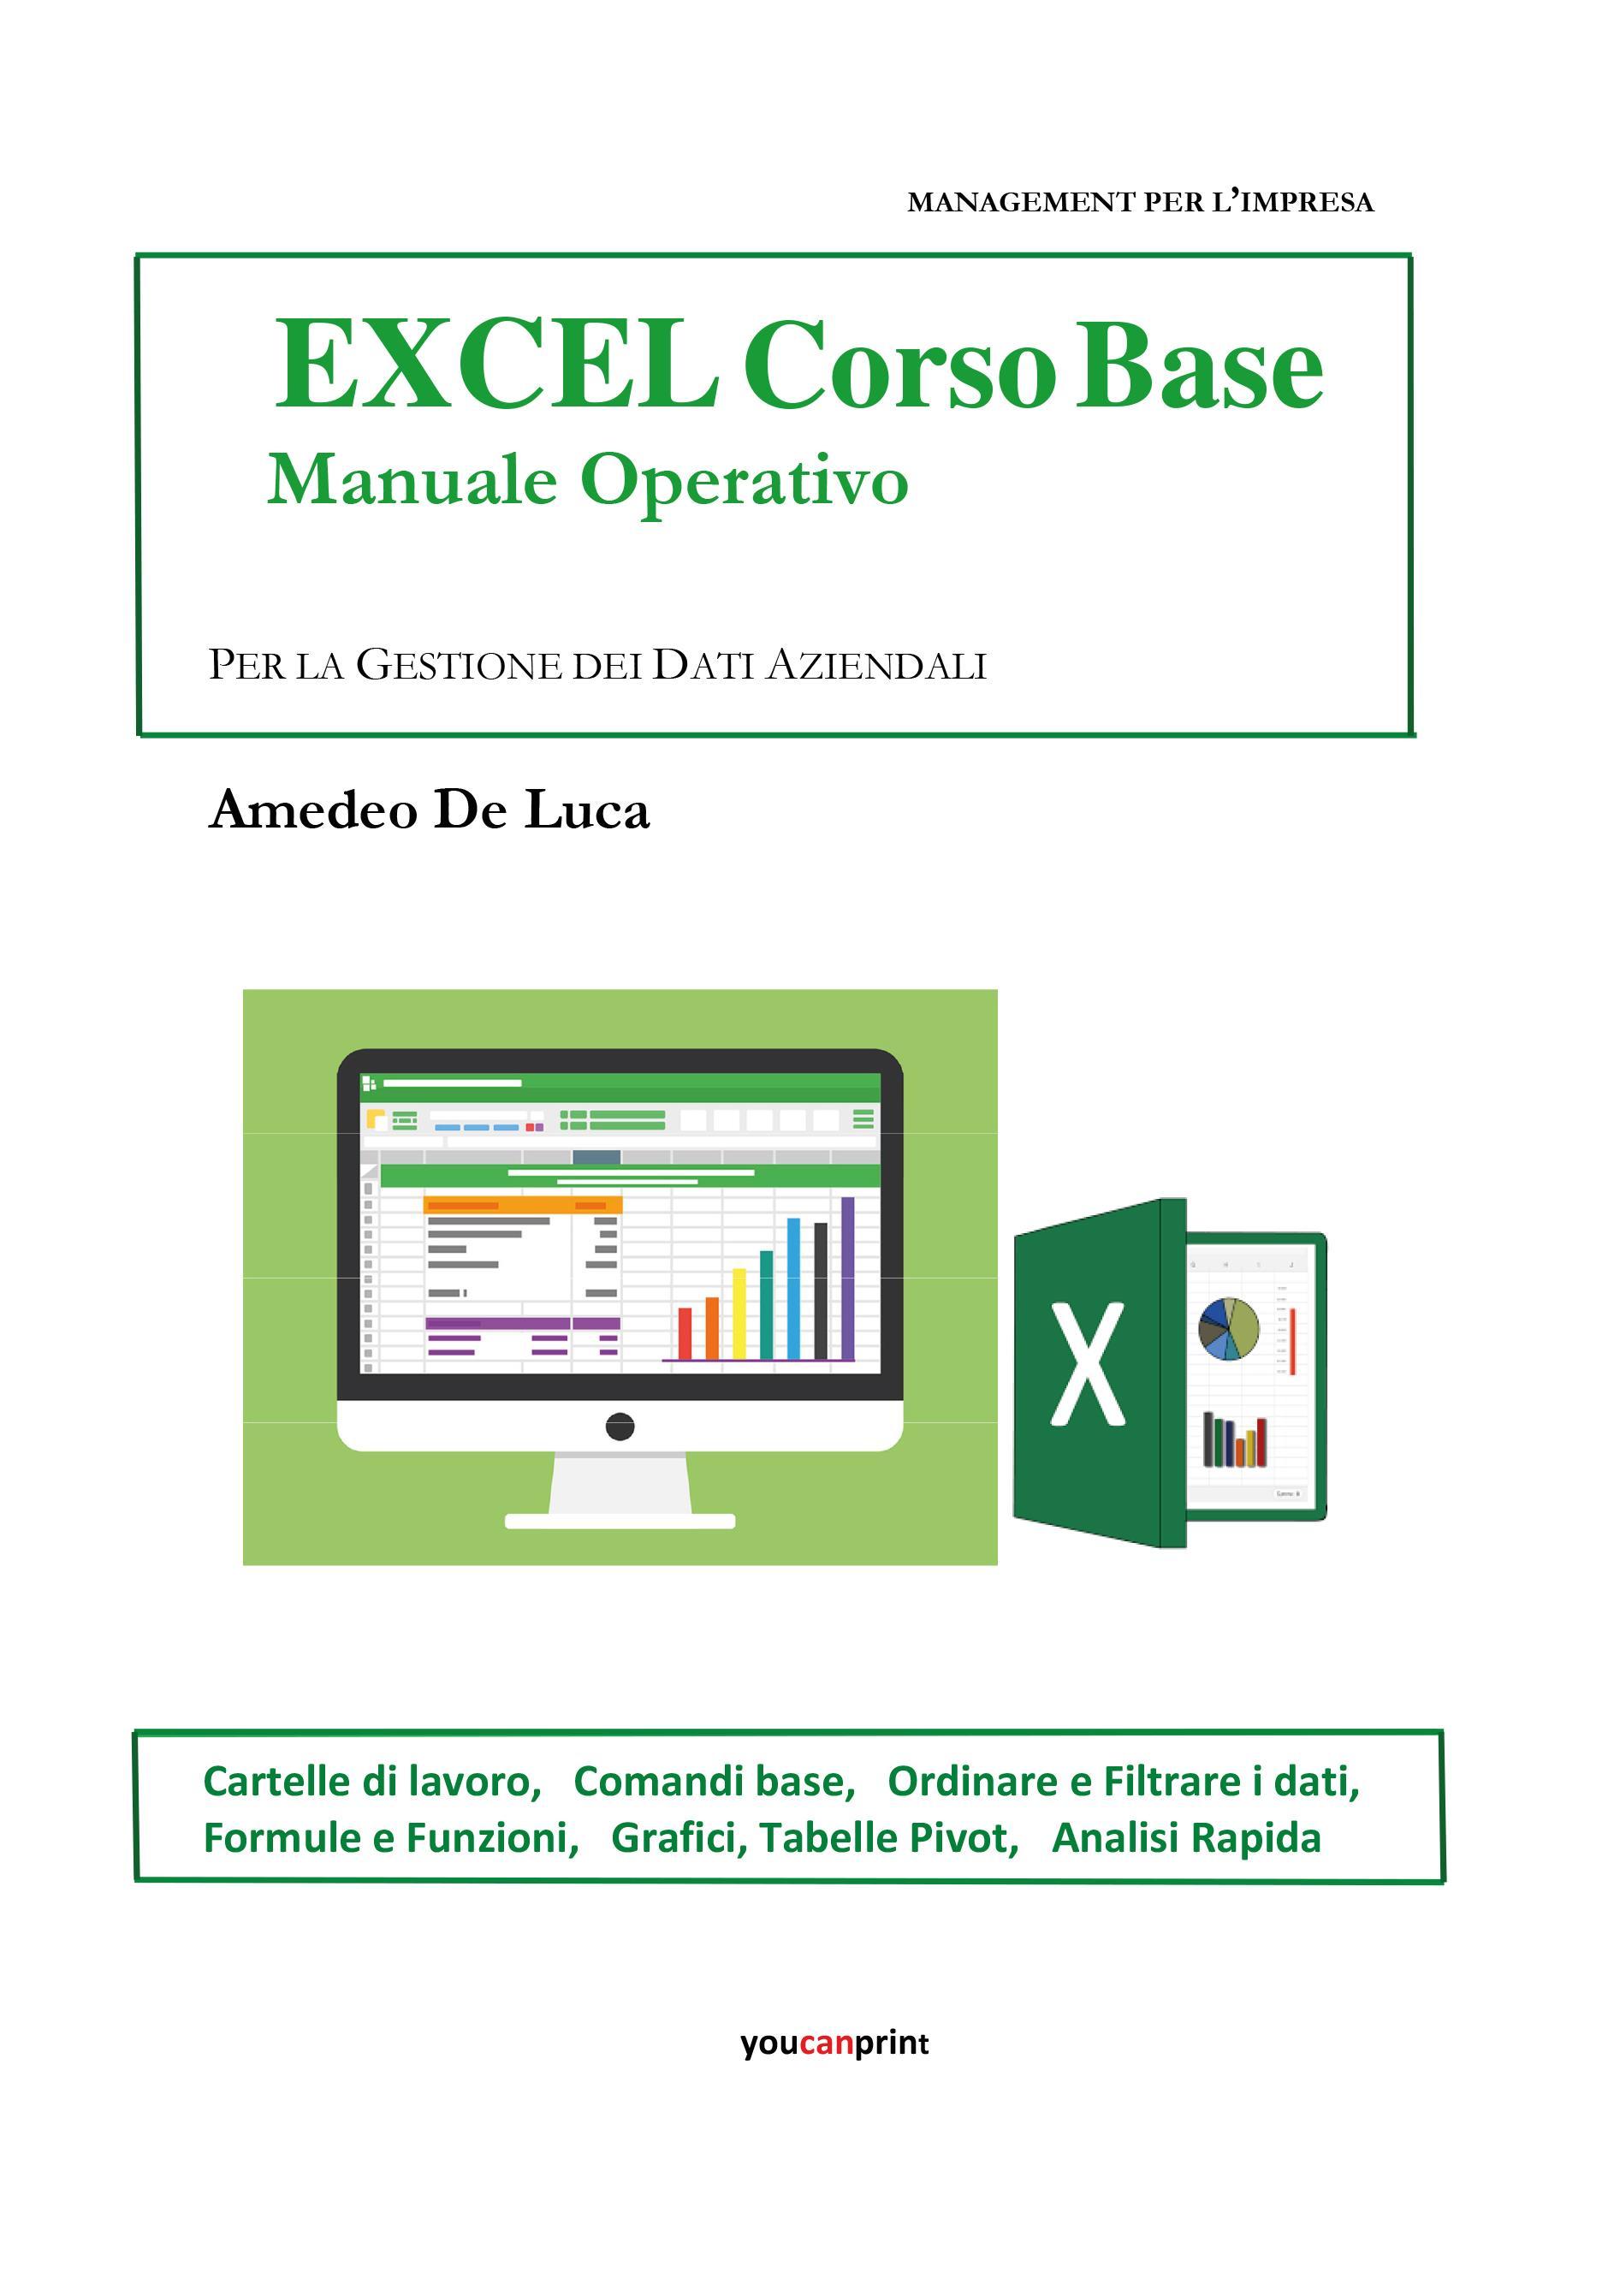 EXCEL 2016 Manuale Operativo - Livello Base